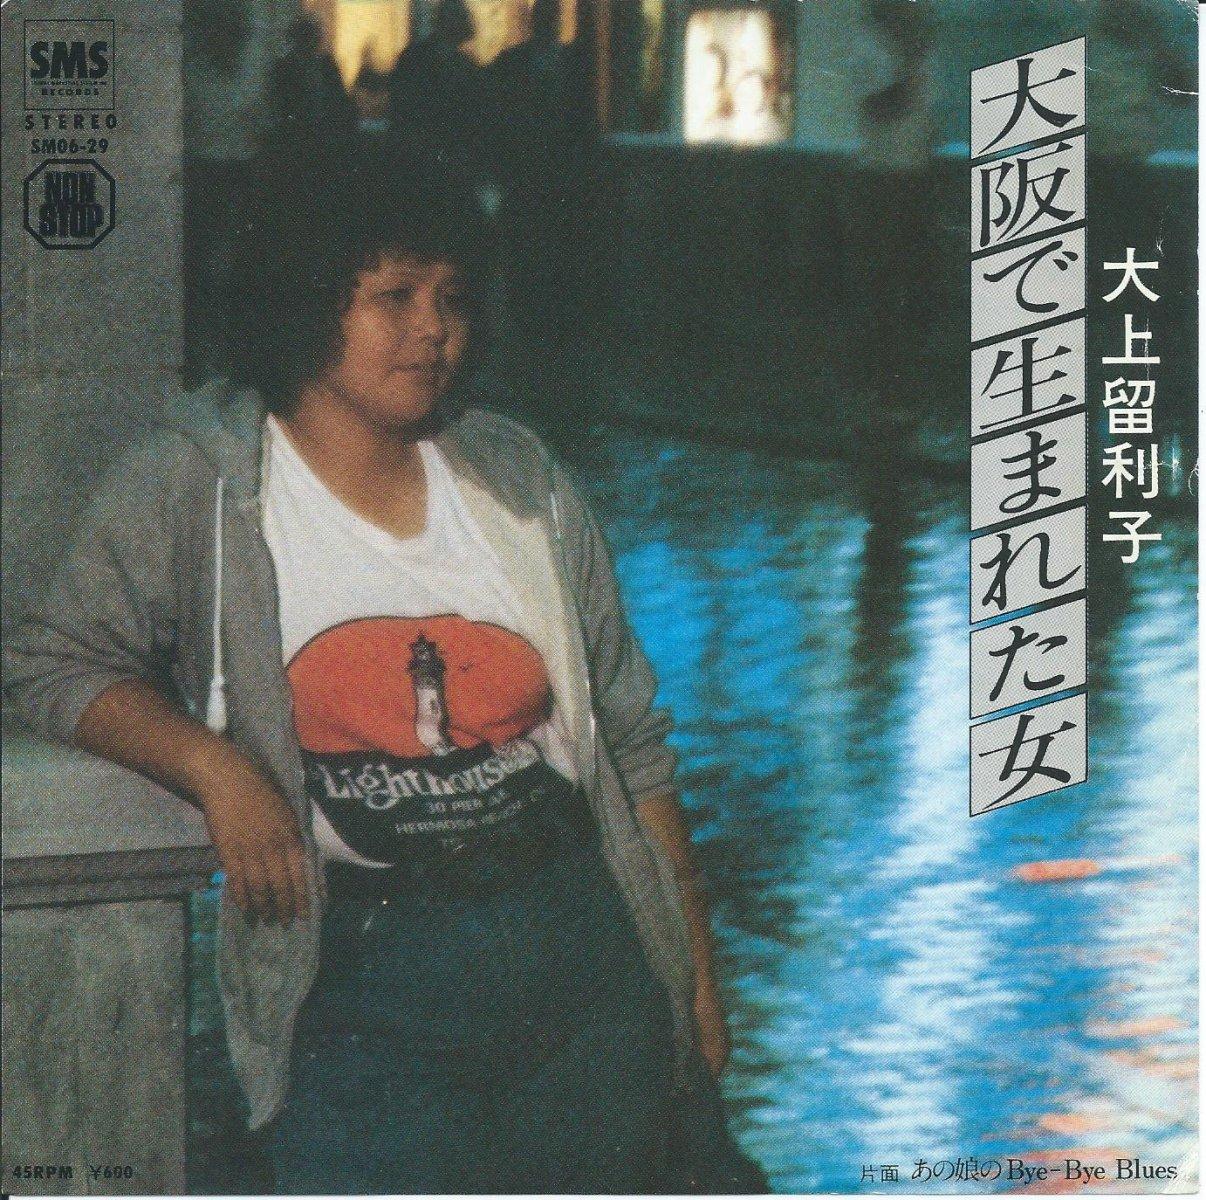 大上留利子 RURIKO OGAMI / 大阪で生まれた女 / あの娘のBYE-BYE-BLUES (7